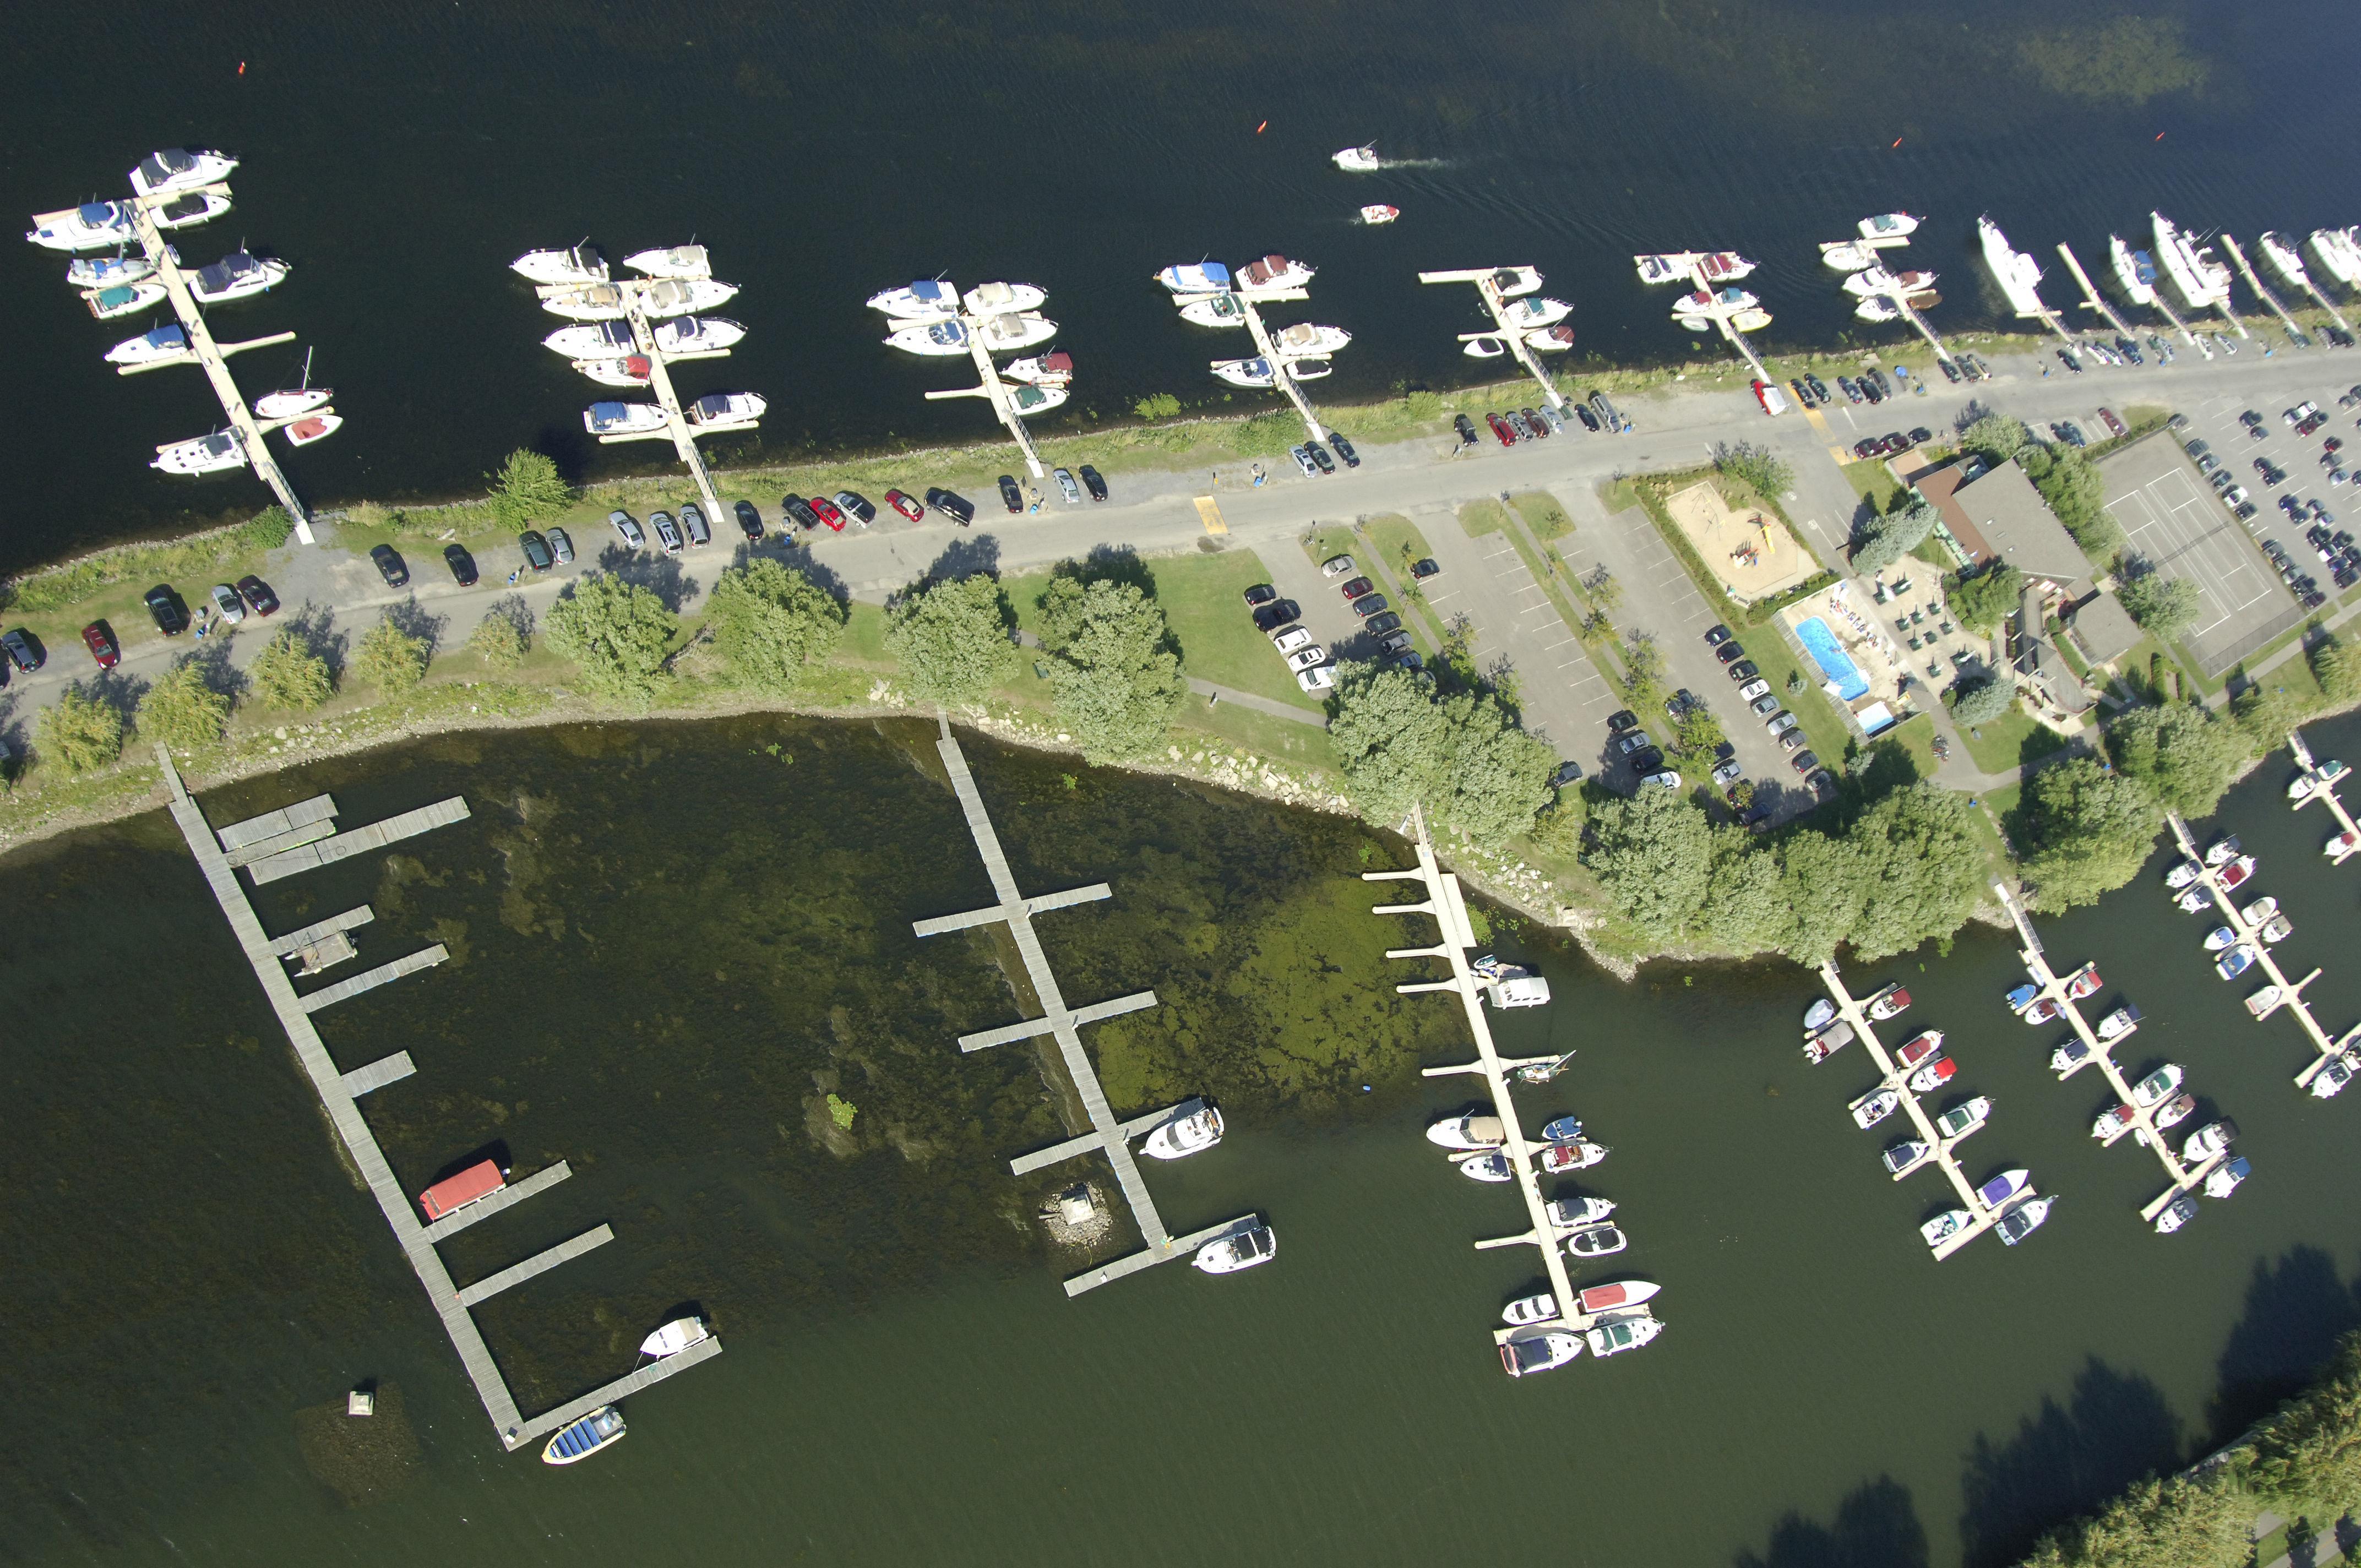 Le port de plaisance de lachine in lachine qc canada marina reviews phone number - Port de plaisance le crouesty ...